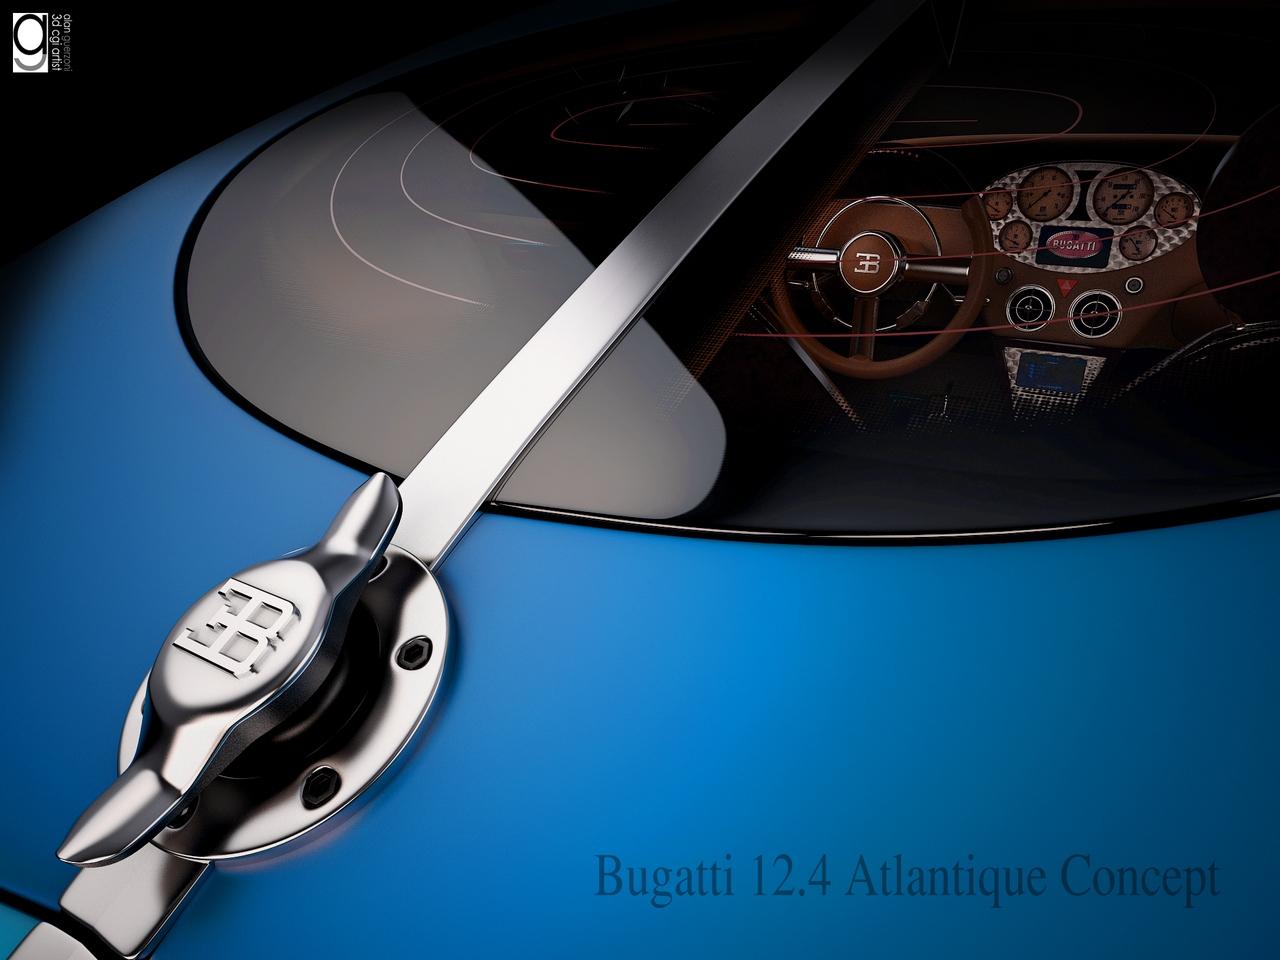 Bugatti 12.4 Atlantique Concept by Alan Guerzoni _120-100